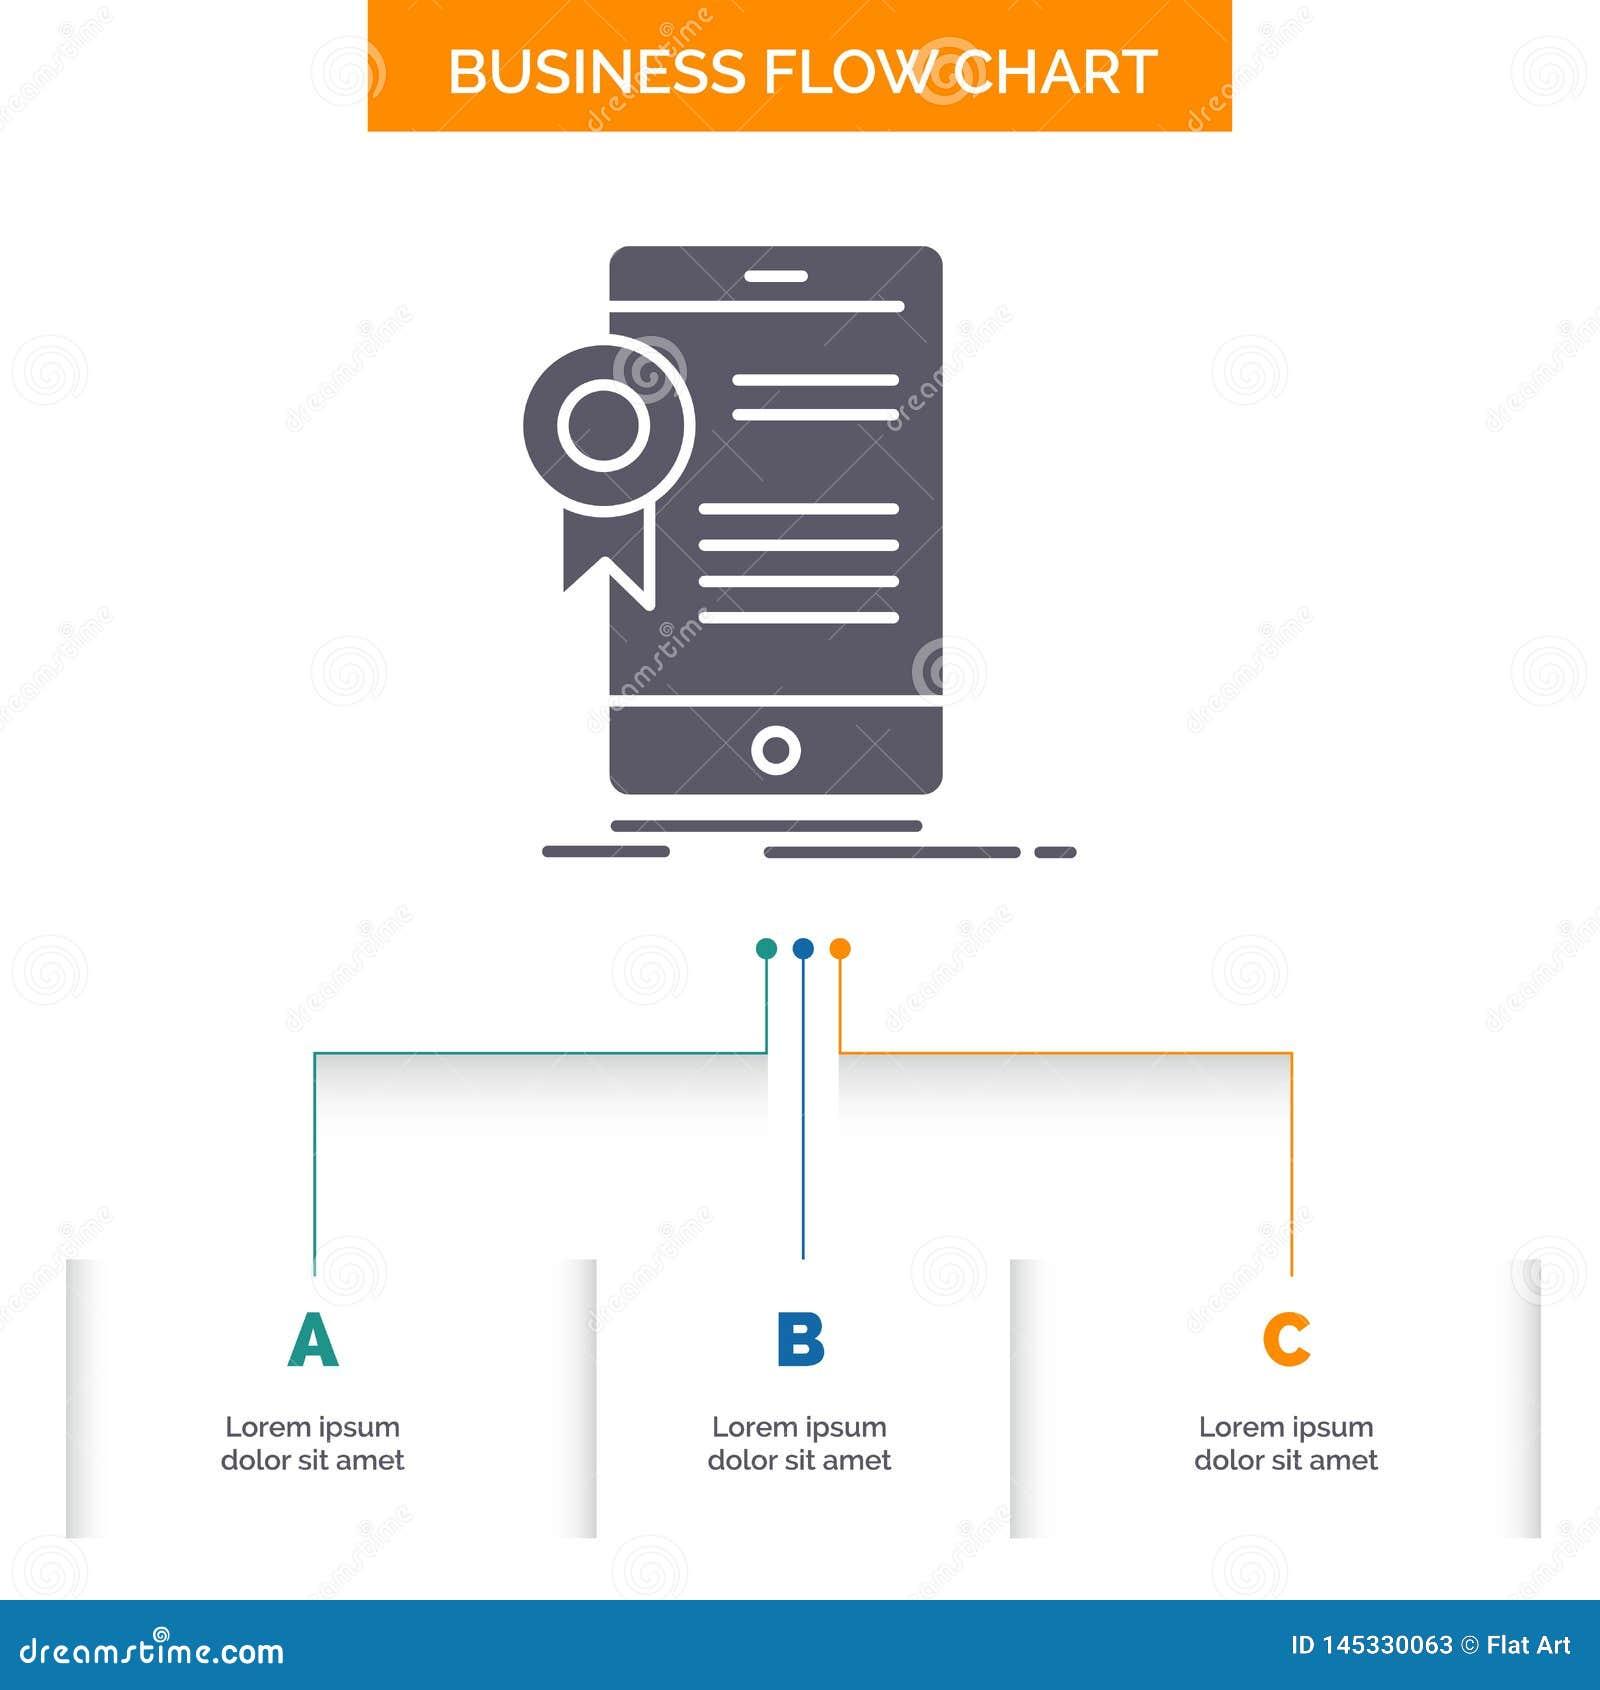 świadectwo, certyfikat, App, zastosowanie, zatwierdzenie Spływowej mapy Biznesowy projekt z 3 krokami Glif ikona Dla prezentacji